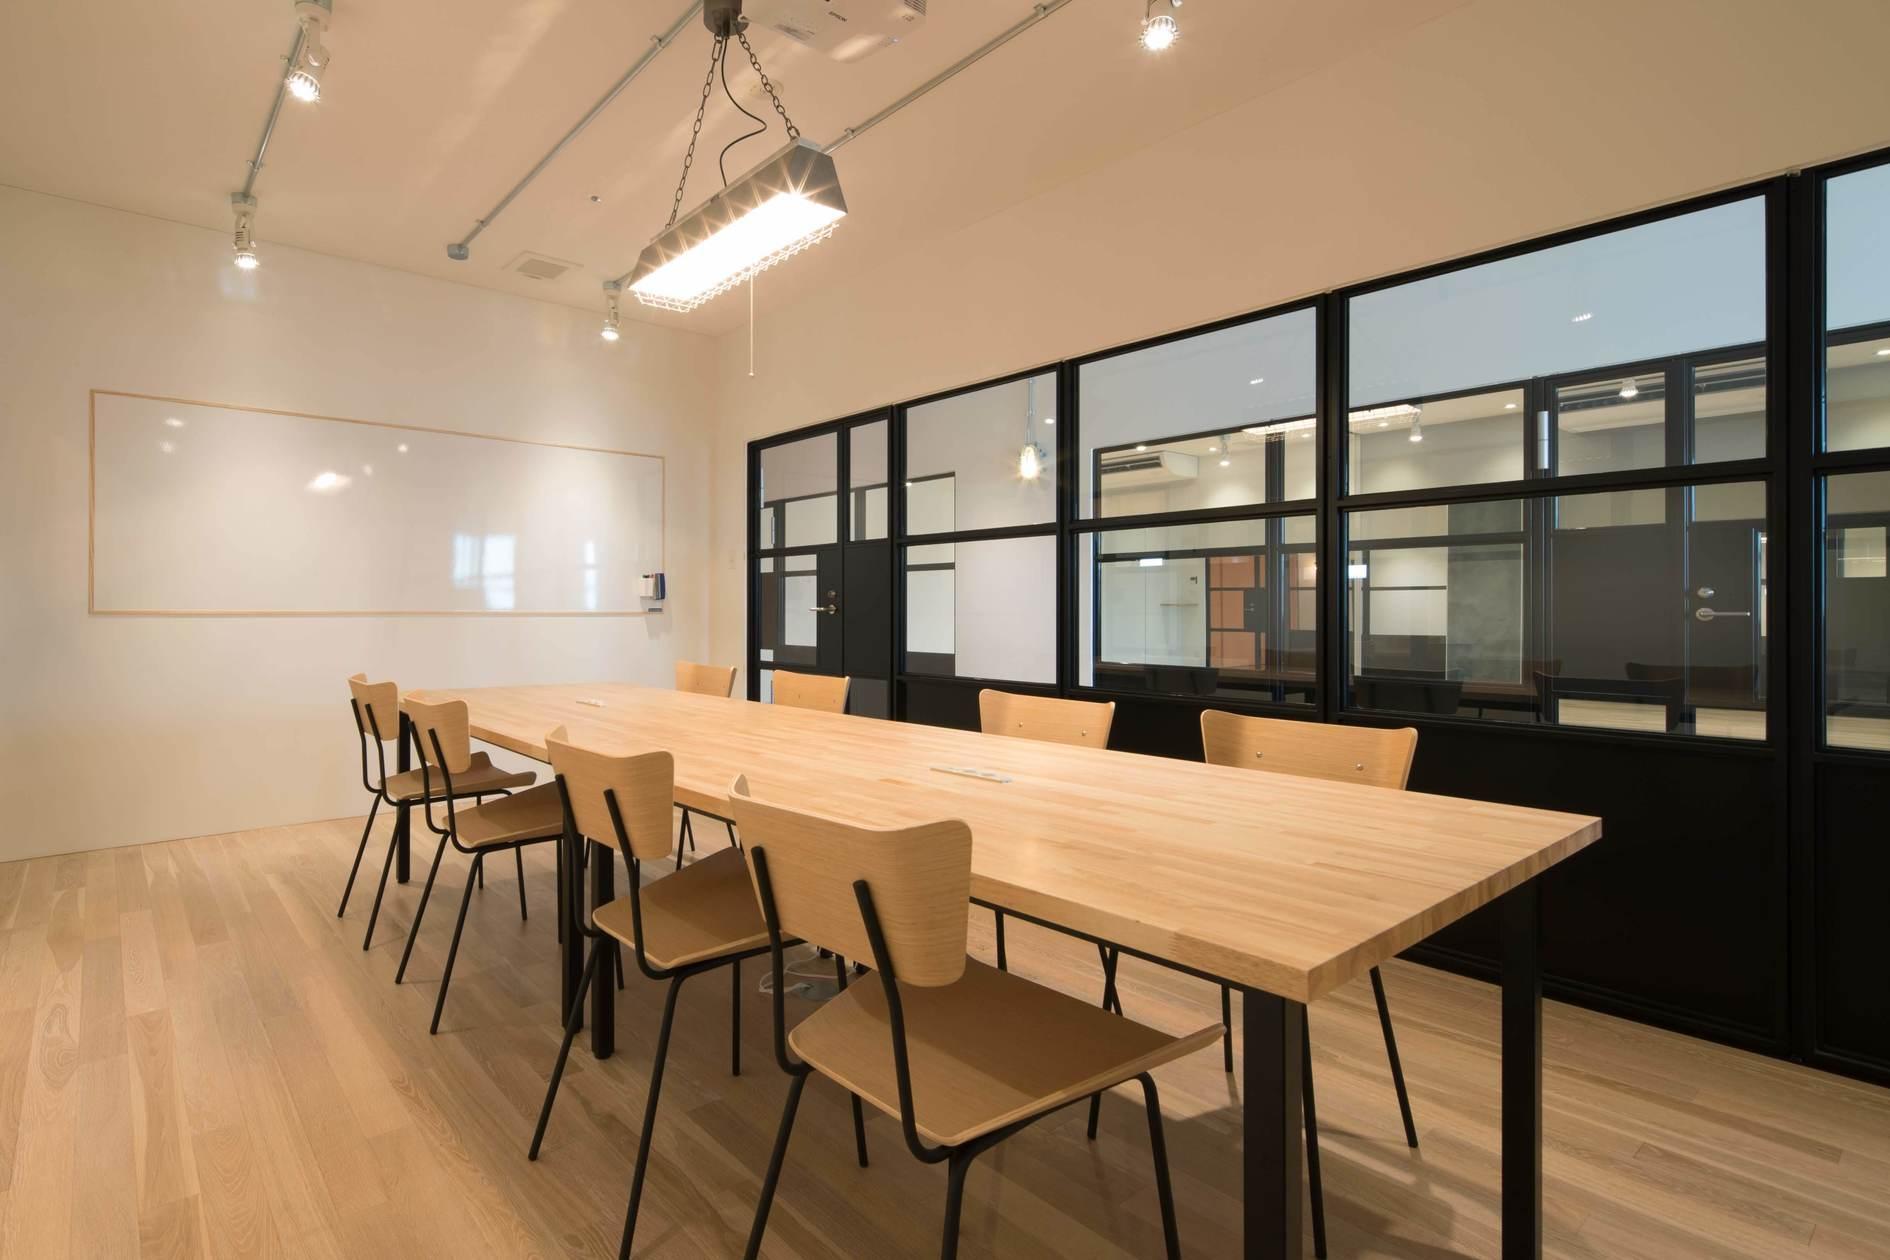 雰囲気を変えた会議、小規模セミナーに使えるオシャレな会議室。駐車場・Wi-Fi・プロジェクター・ホワイトボード無料 の写真